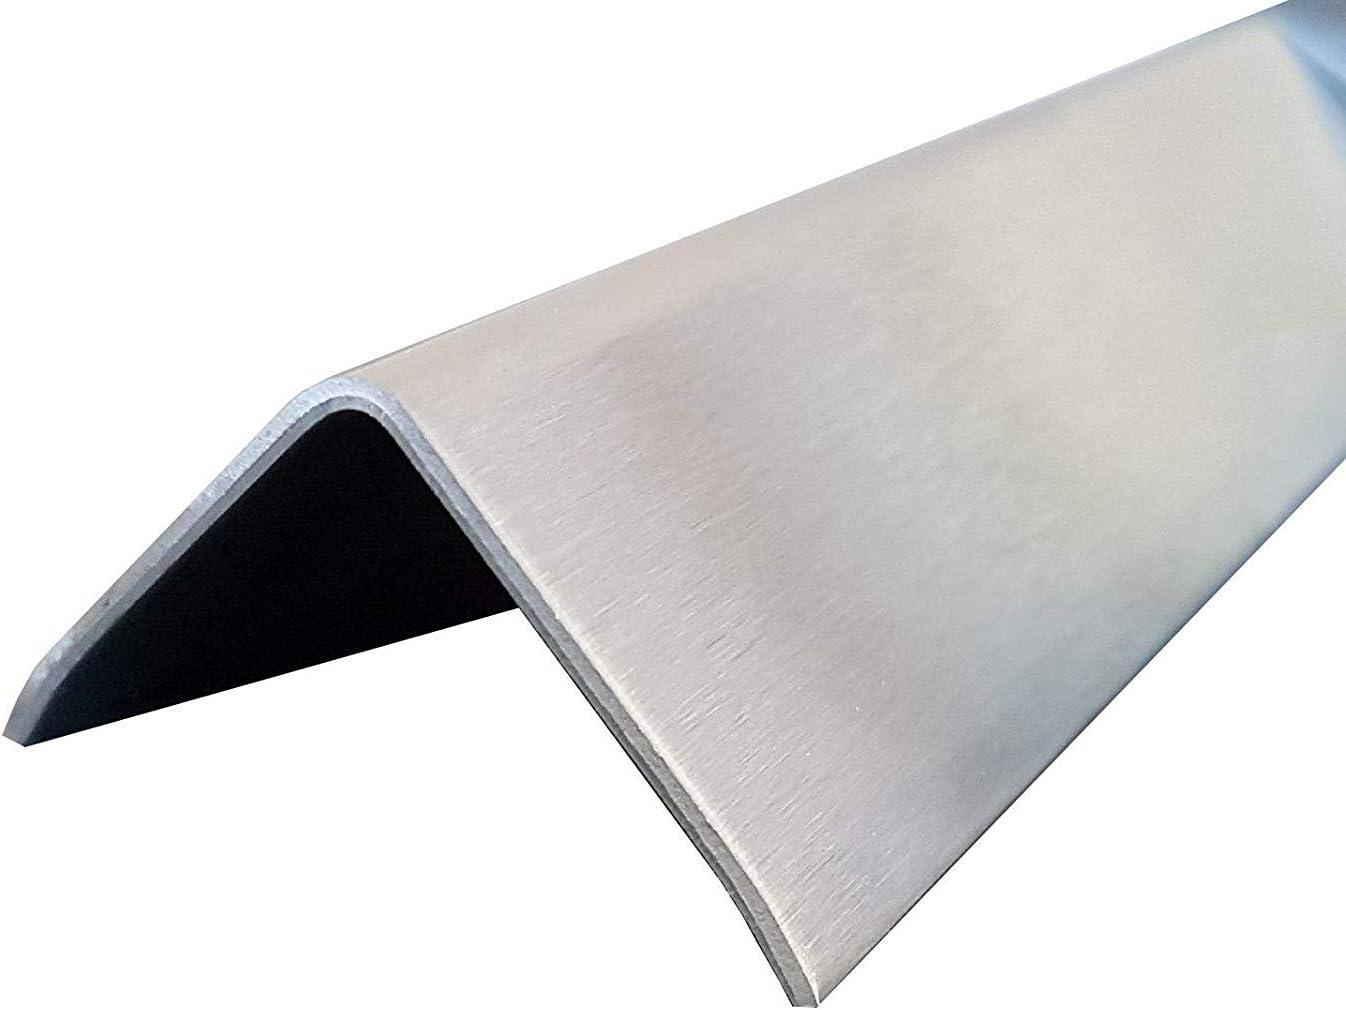 K240,0,8mm stark 3-fach gekantet 1,5 Meter Winkel Kantenschutz Edelstahl 3fach Winkelblech Kantenschutzprofil Edelstahl Winkel